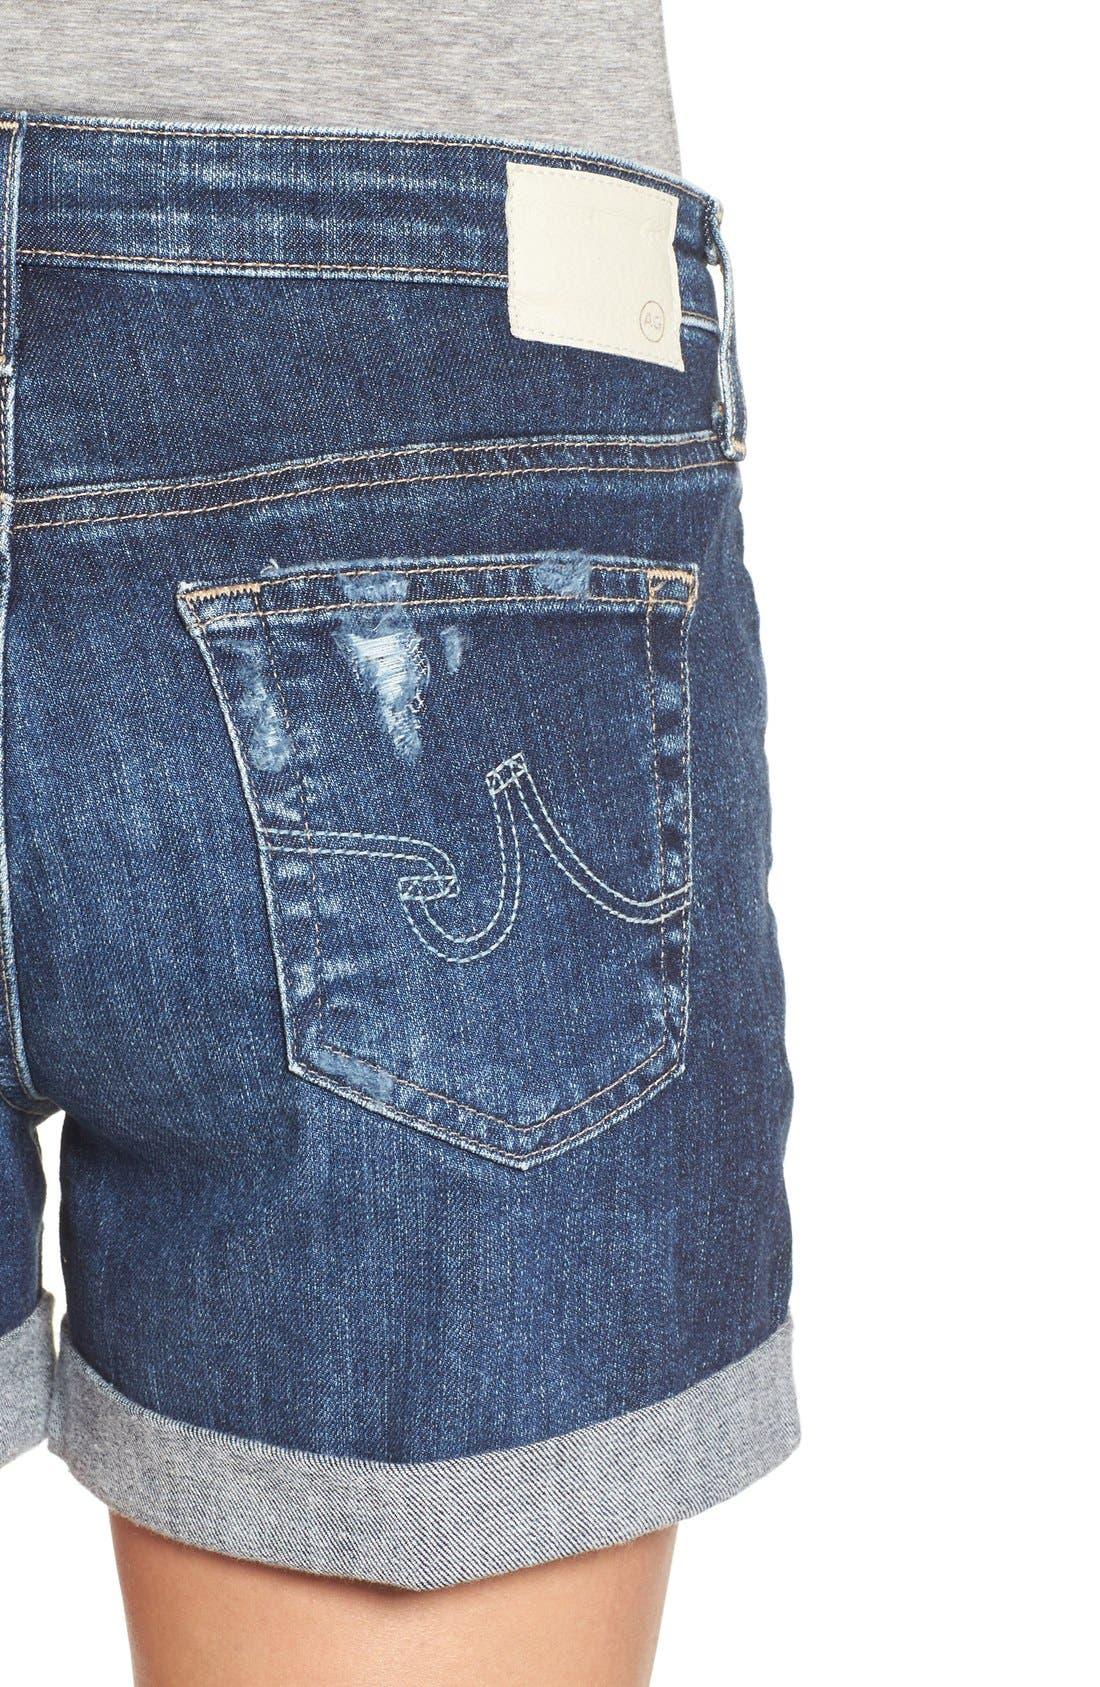 Alternate Image 4  - AG 'Hailey' Denim Shorts (11 Years Sail Away)